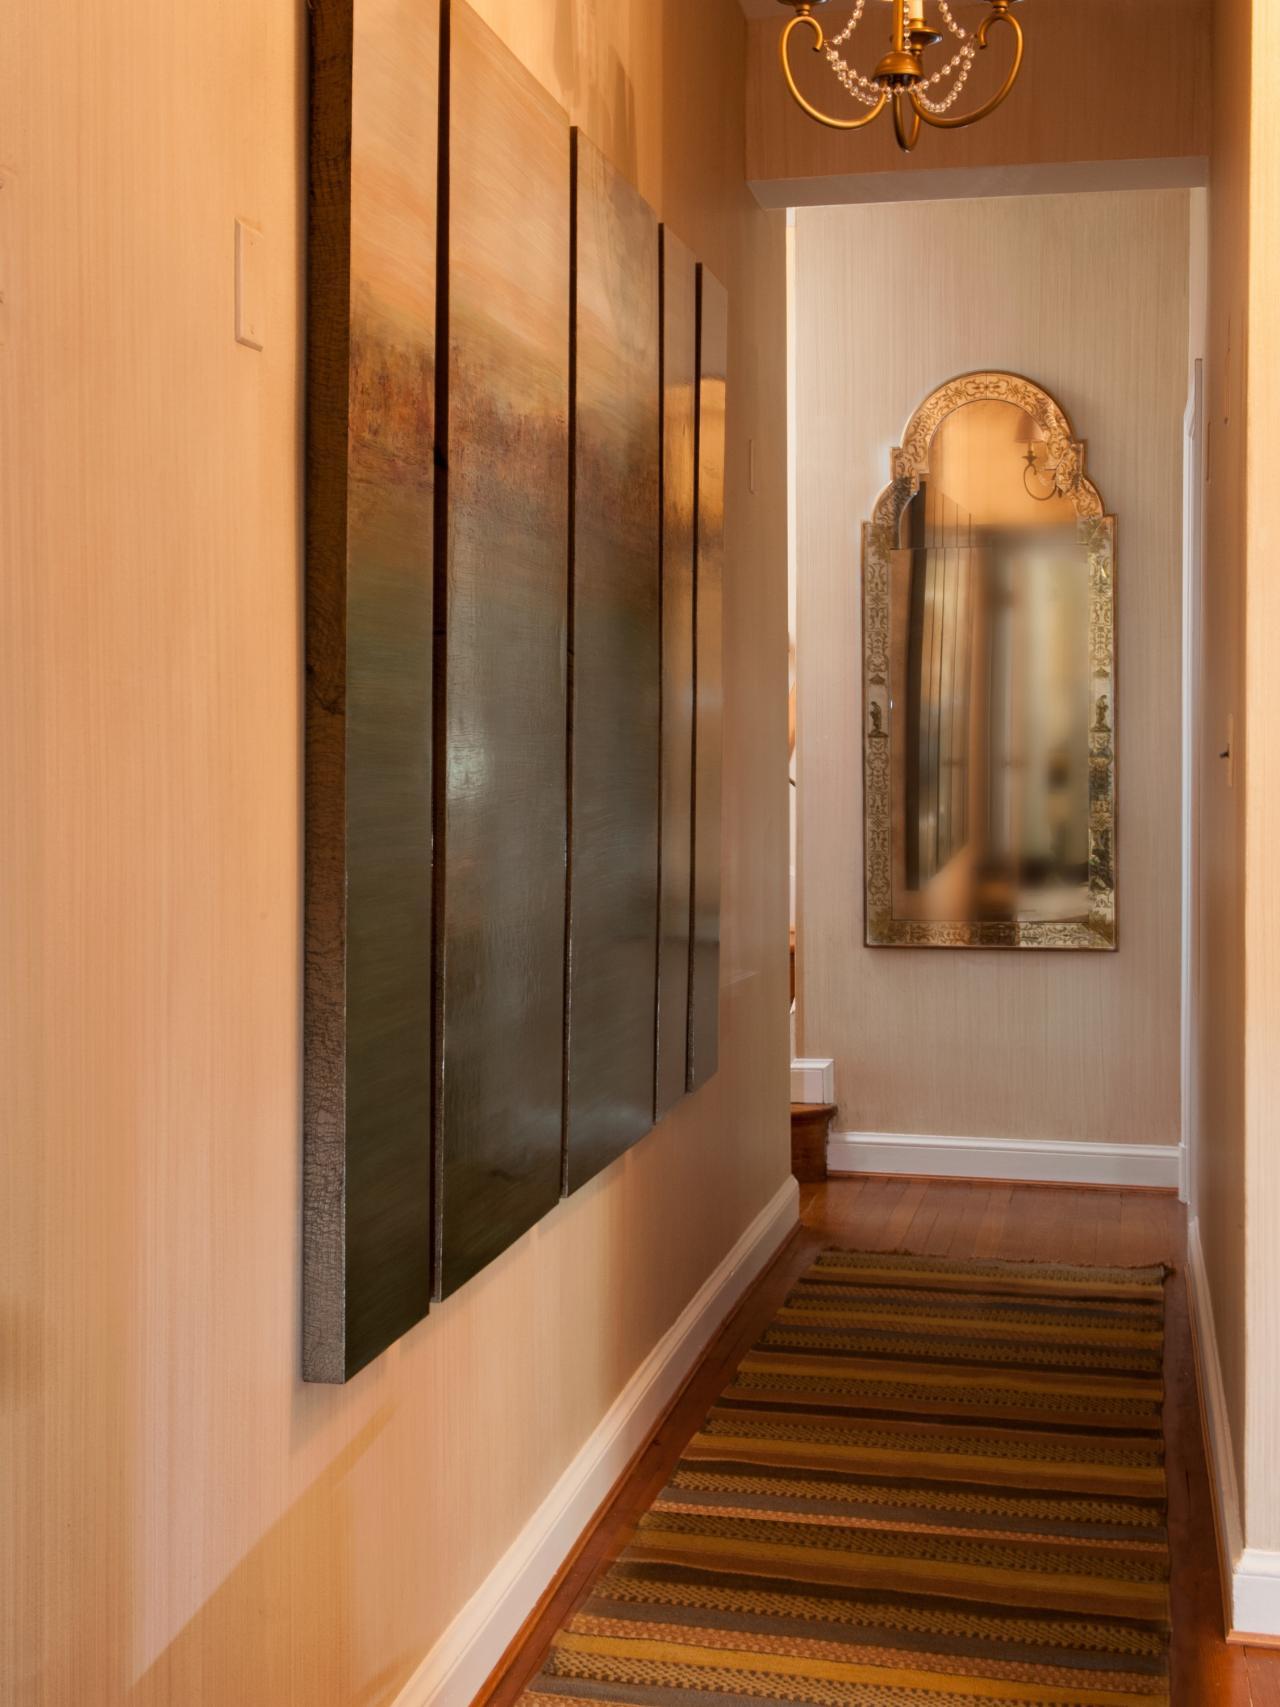 photos-hgtv-étroit-couloir-avec-miroir-fleuri_décoratif-couloir-miroirs_home-decor_fleur-de-lis-home-decor-catalogues-cheap-peacock-stores-wholesale-online